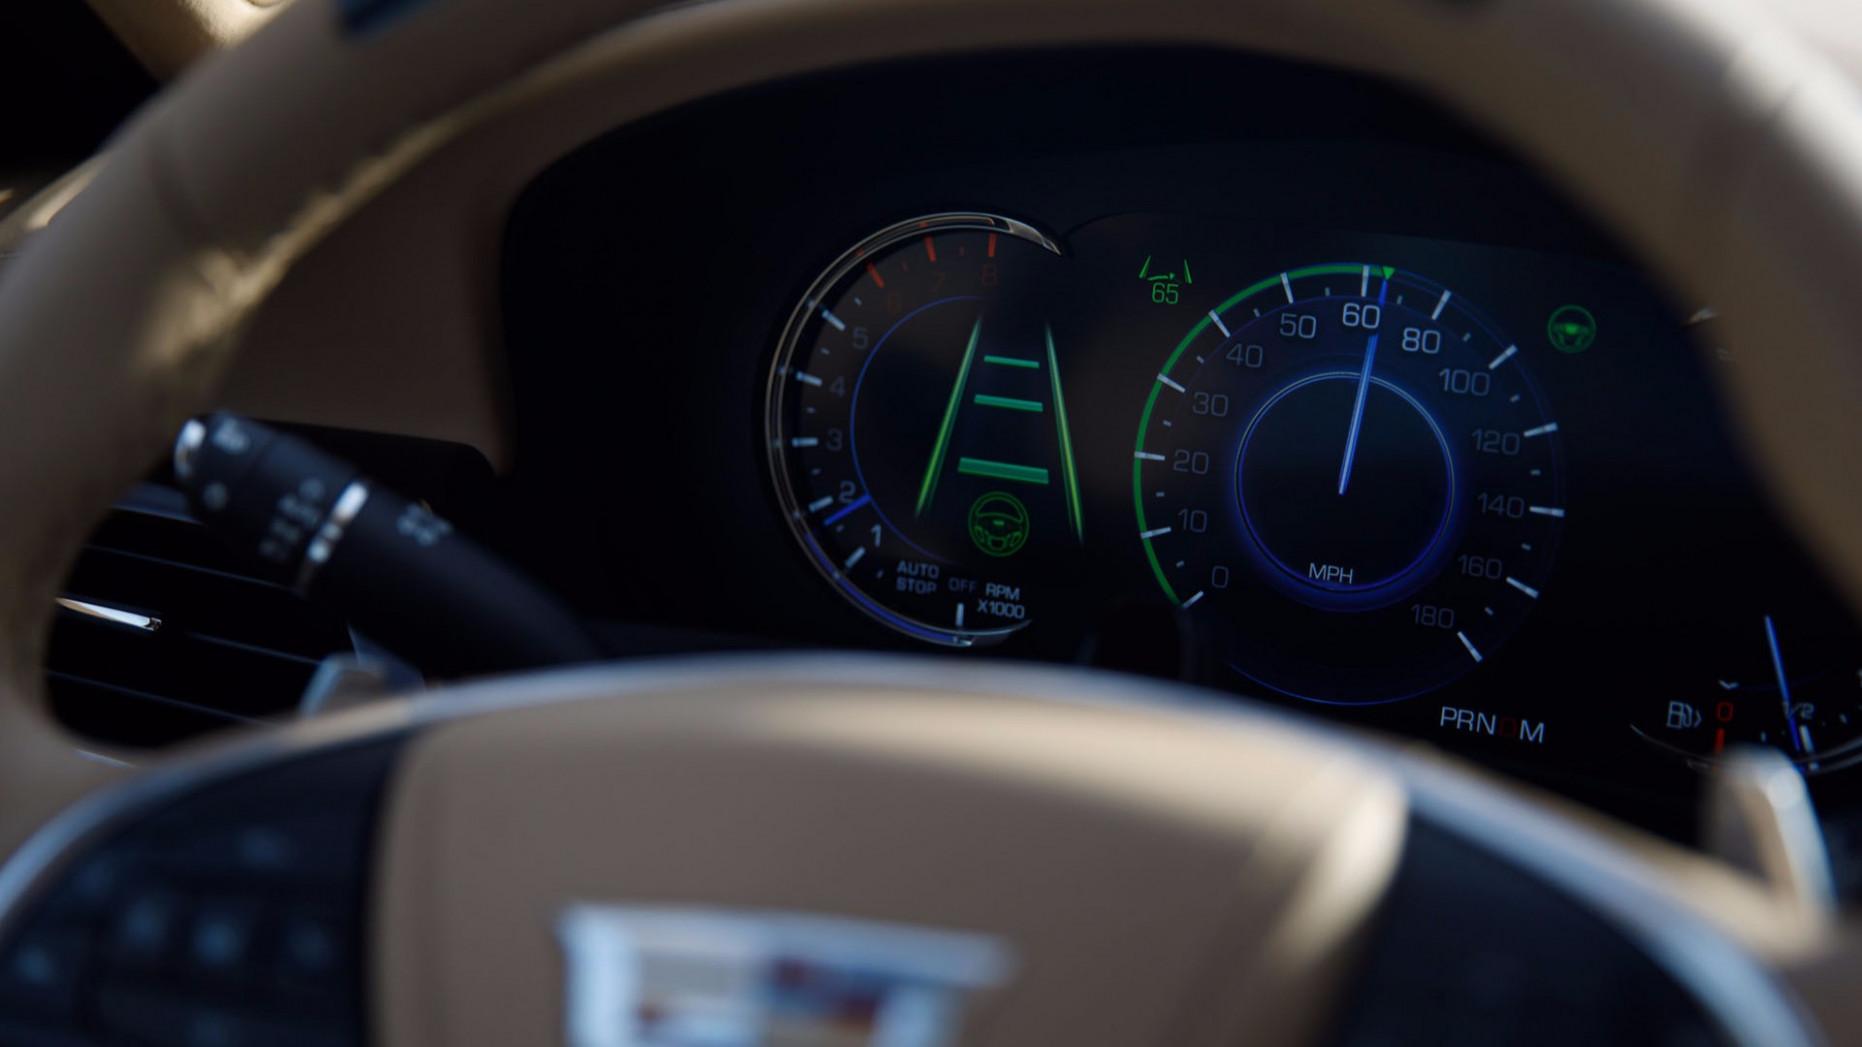 Model Cadillac Grand National 2022